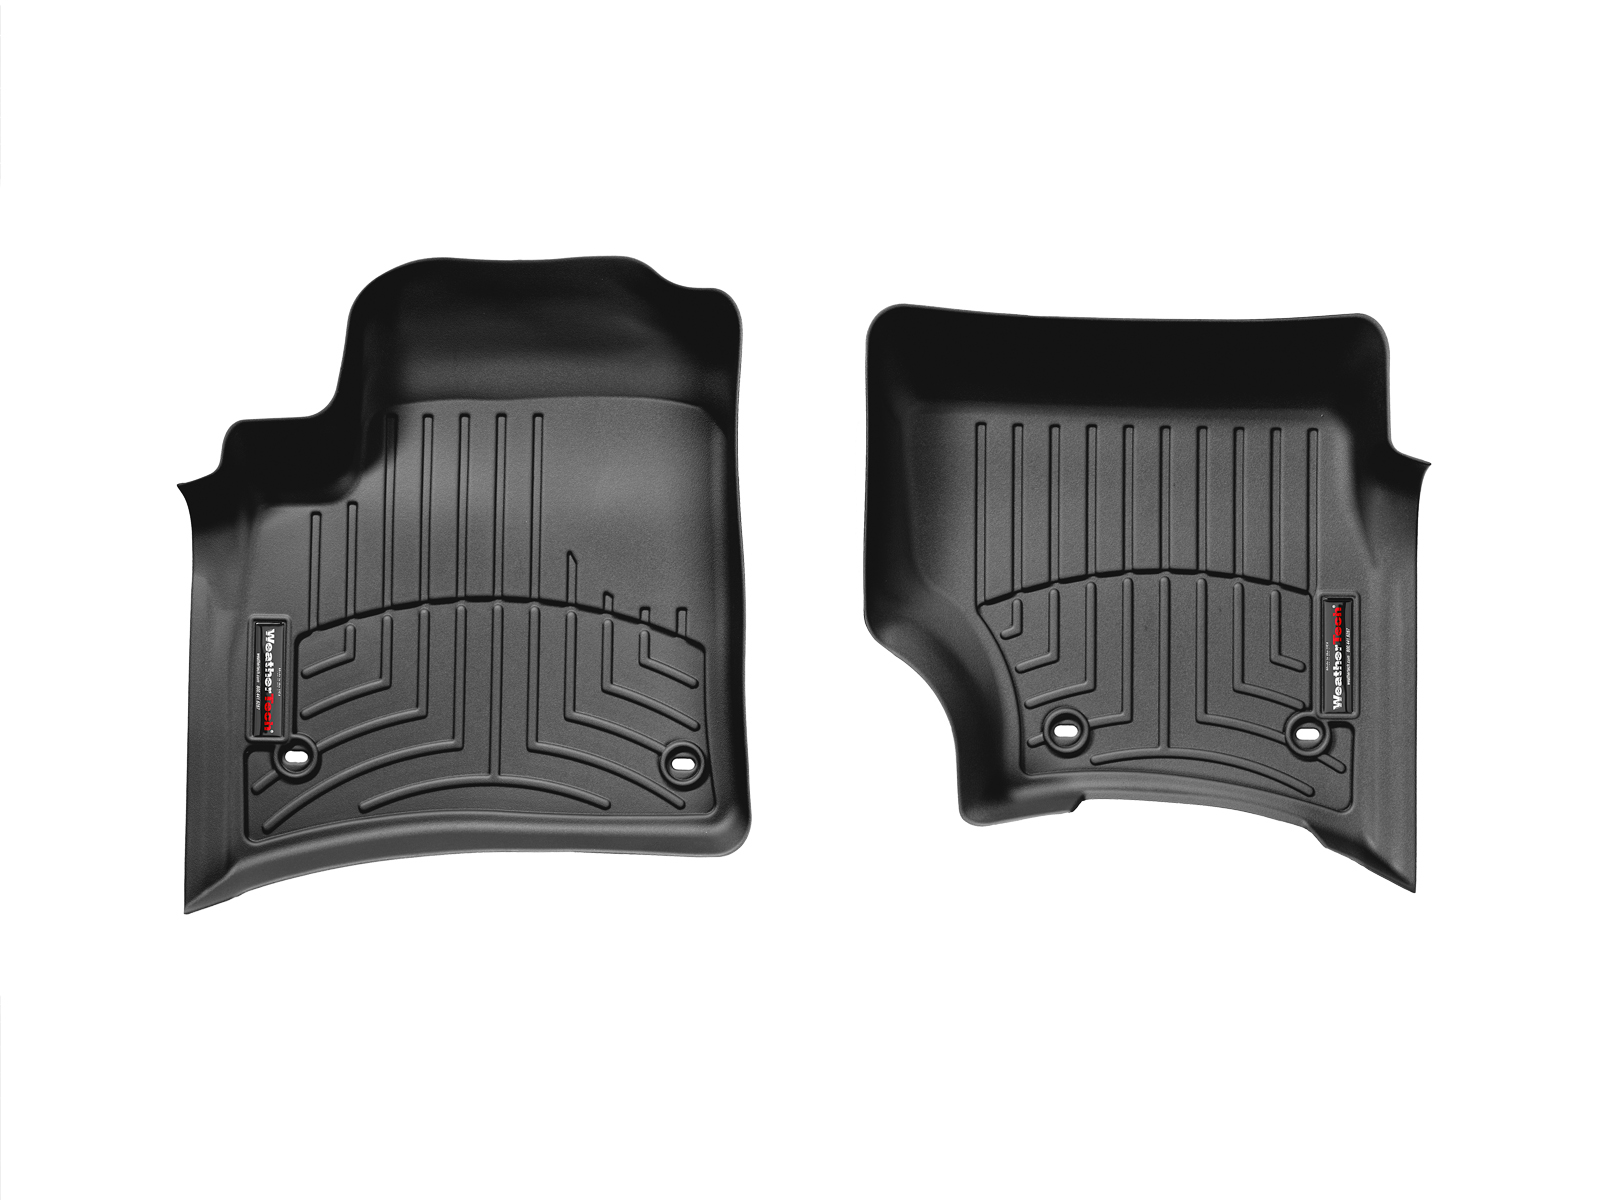 Tappeti gomma su misura bordo alto Volkswagen Touareg 02>06 Nero A4283*